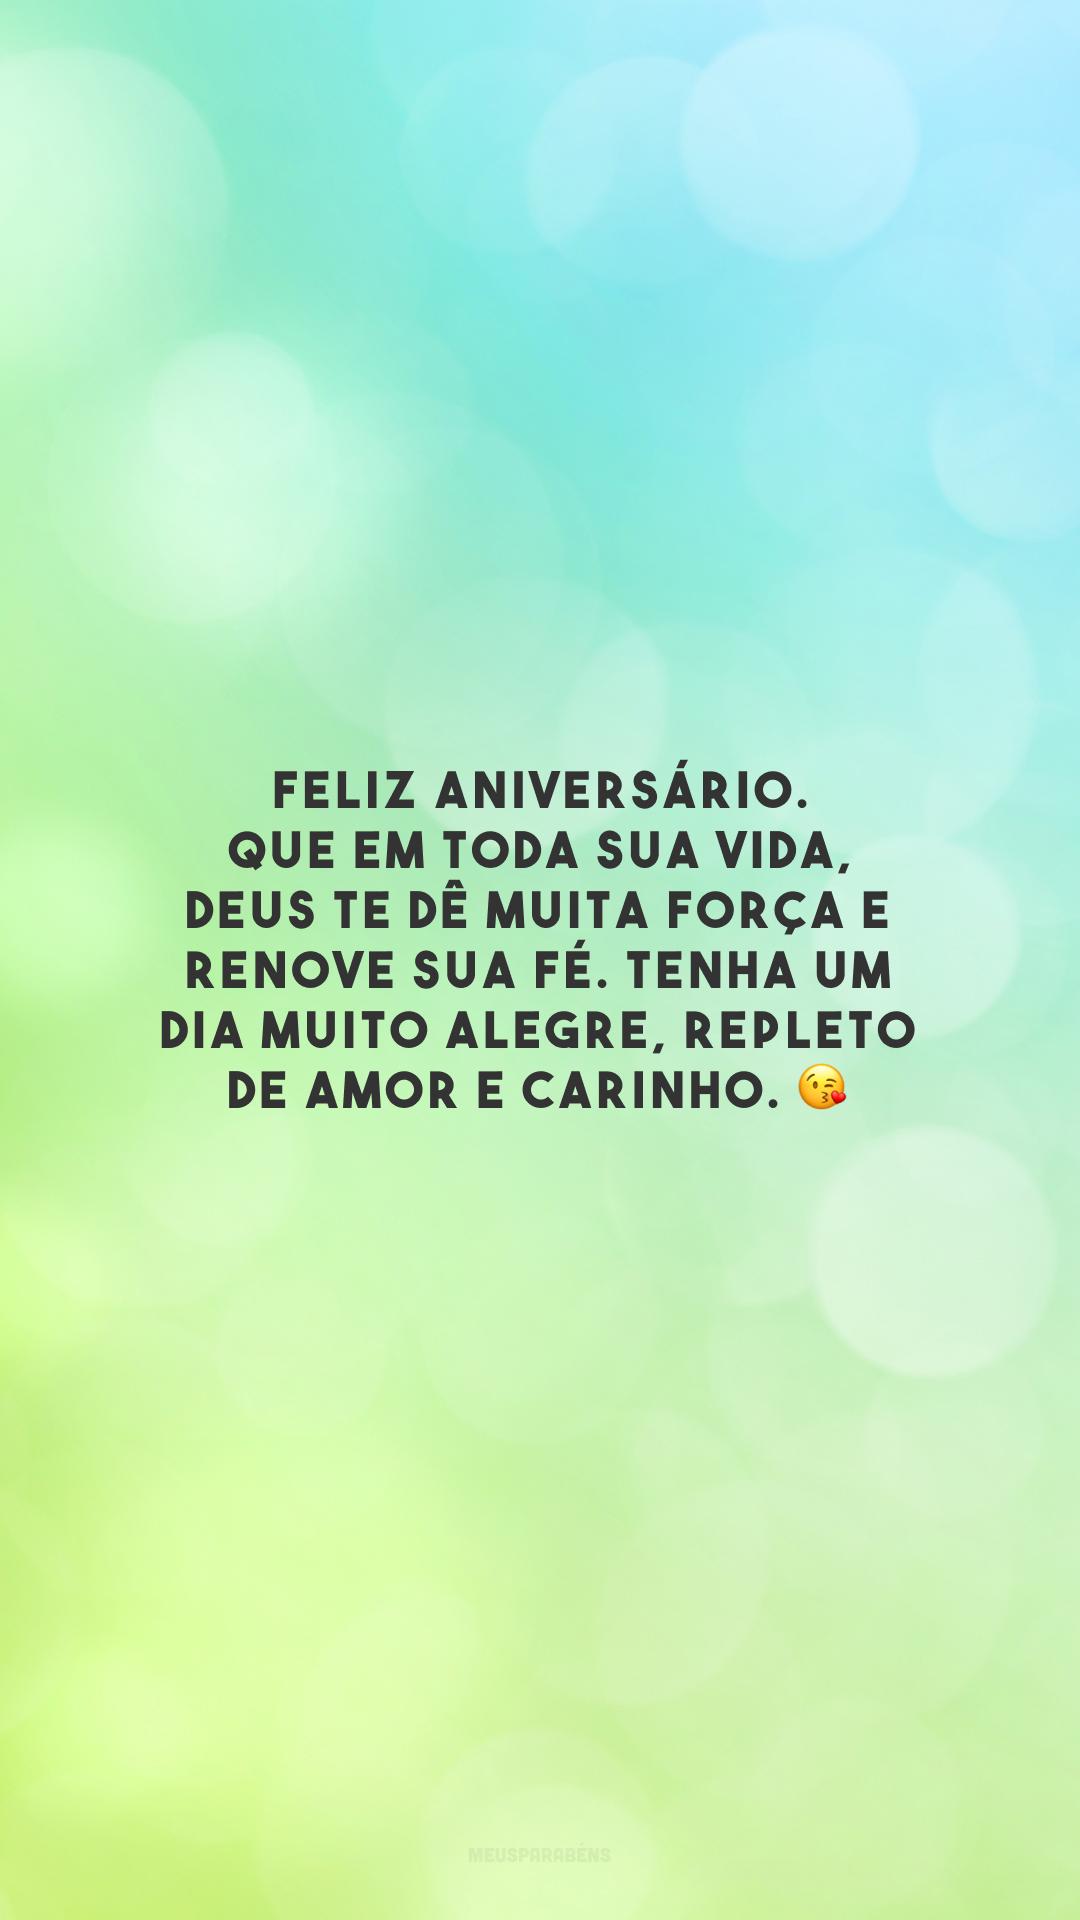 Feliz aniversário. Que em toda sua vida, Deus te dê muita força e renove sua fé. Tenha um dia muito alegre, repleto de amor e carinho. 😘